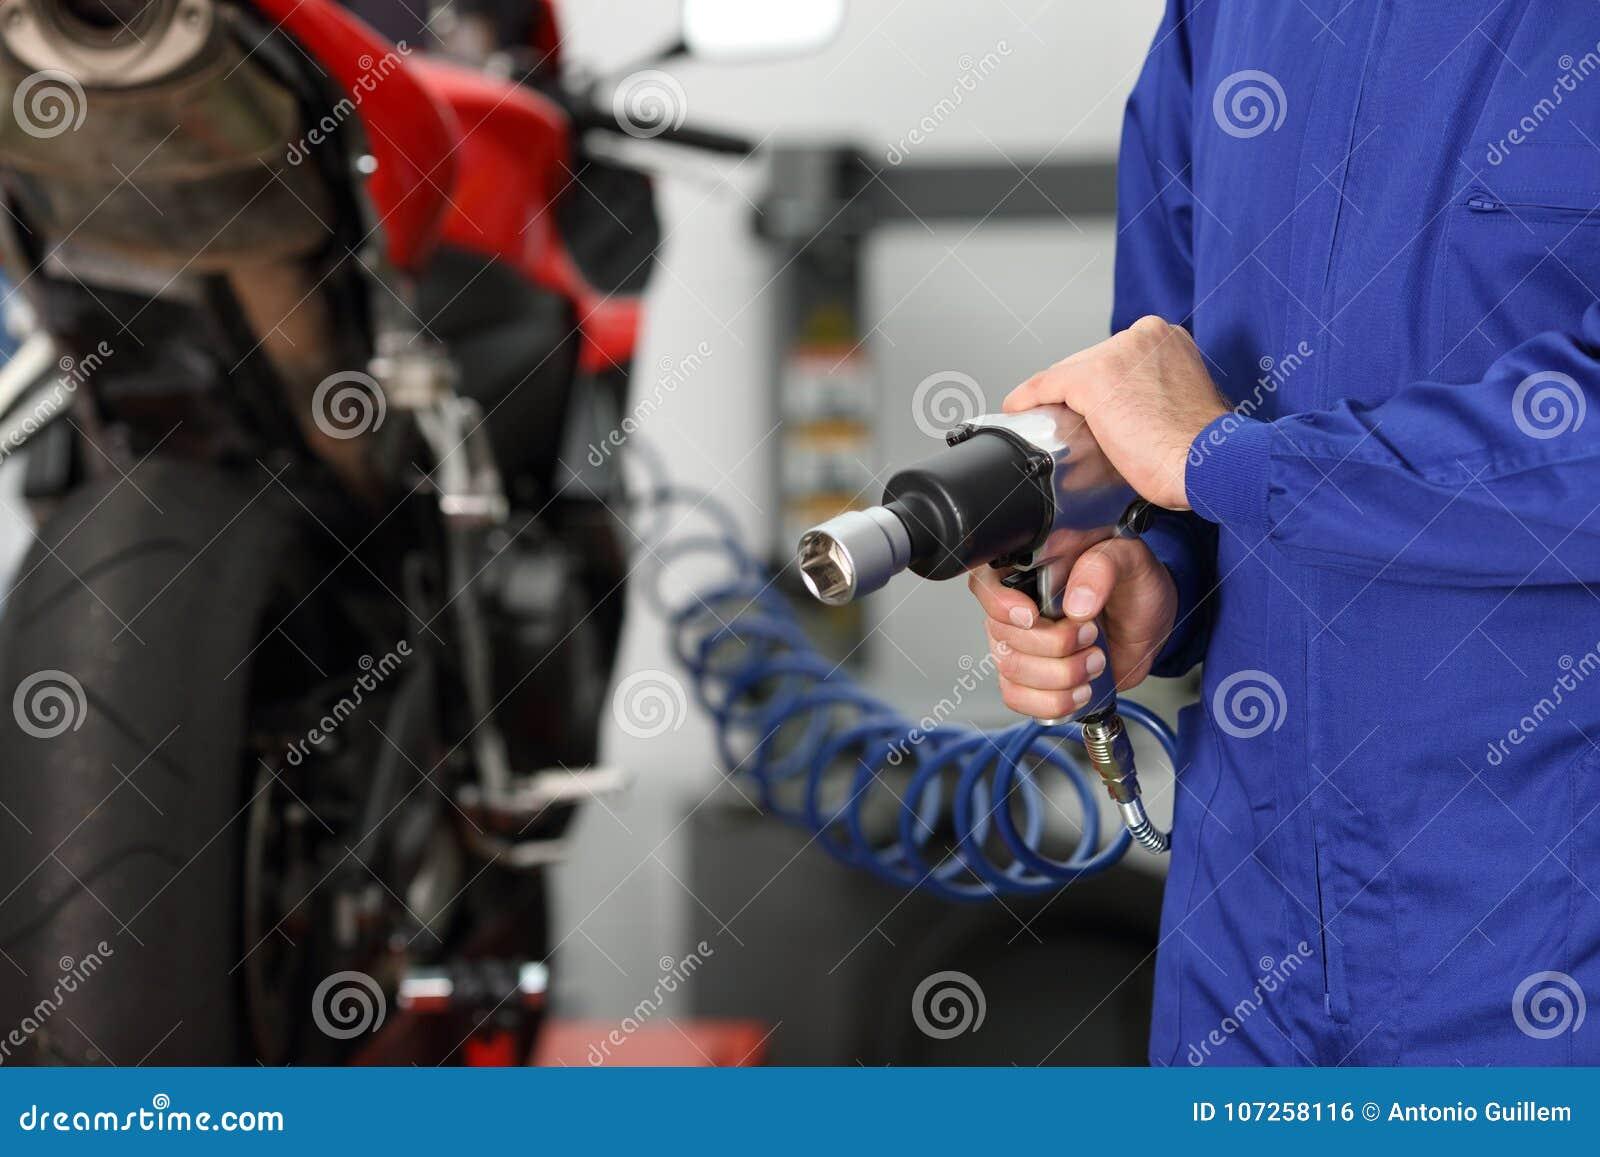 Mechanic hand holding a pneumatic gun